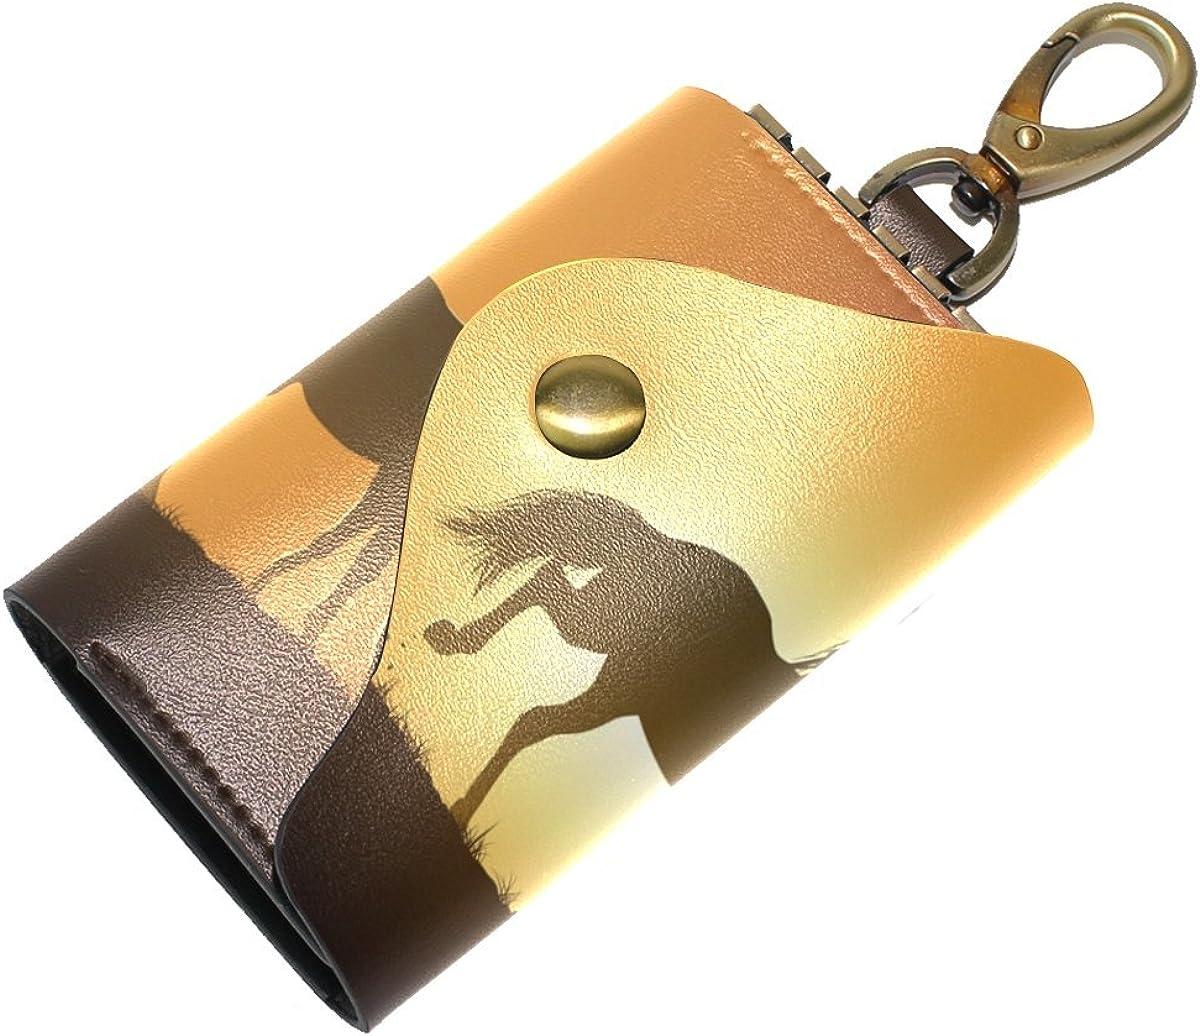 DEYYA Arabian Horse Leather Key Case Wallets Unisex Keychain Key Holder with 6 Hooks Snap Closure